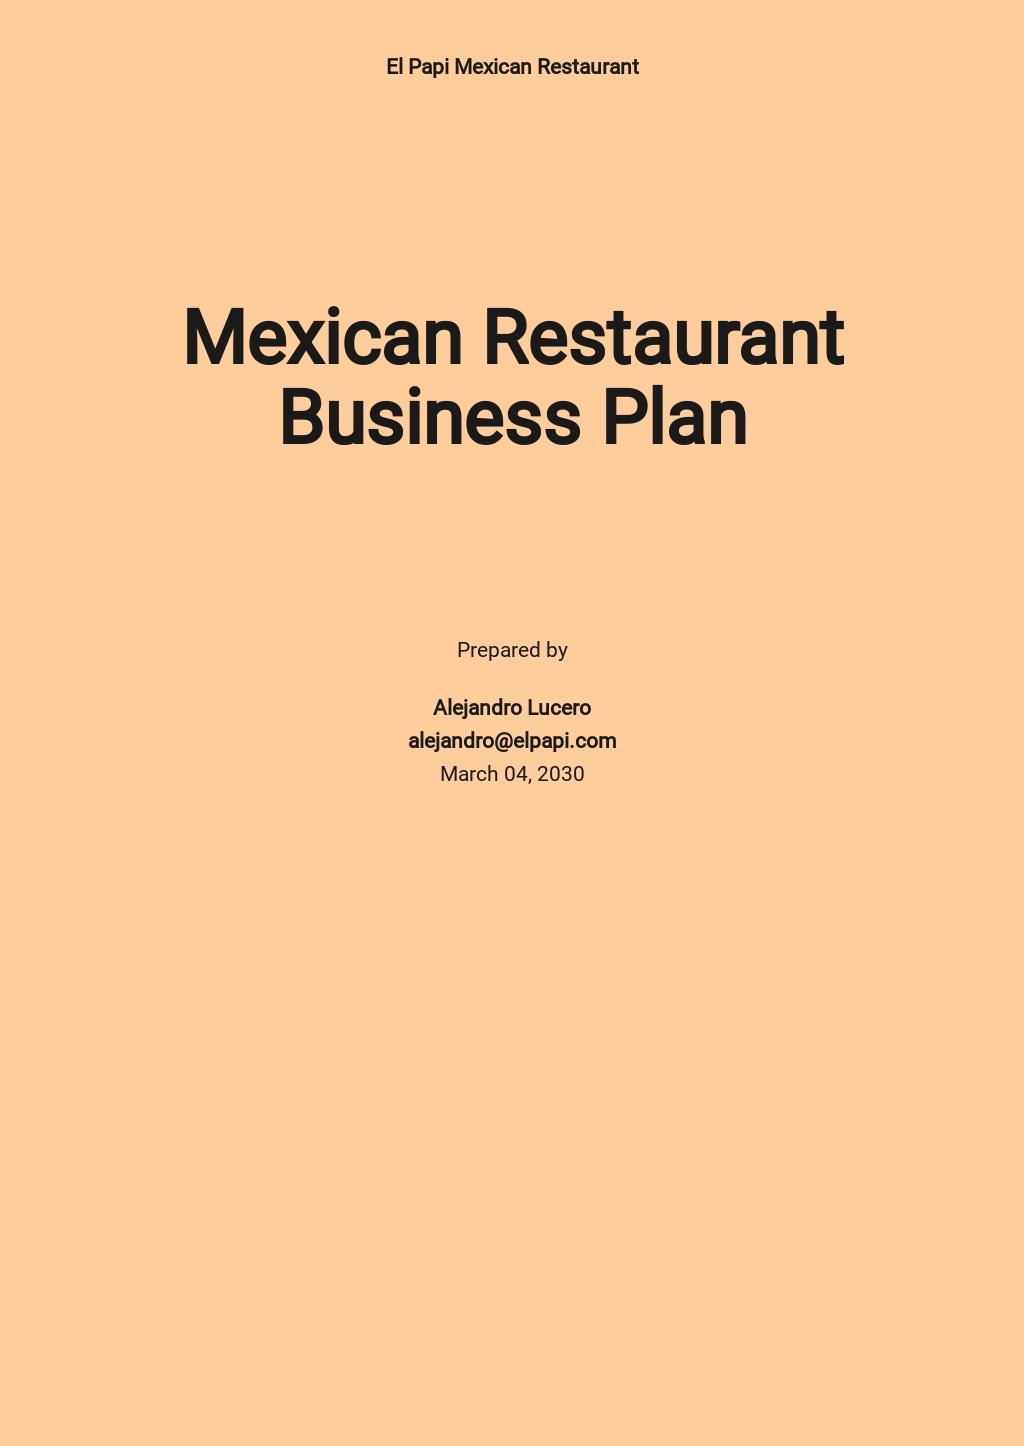 Mexican Restaurant Business Plan Template.jpe